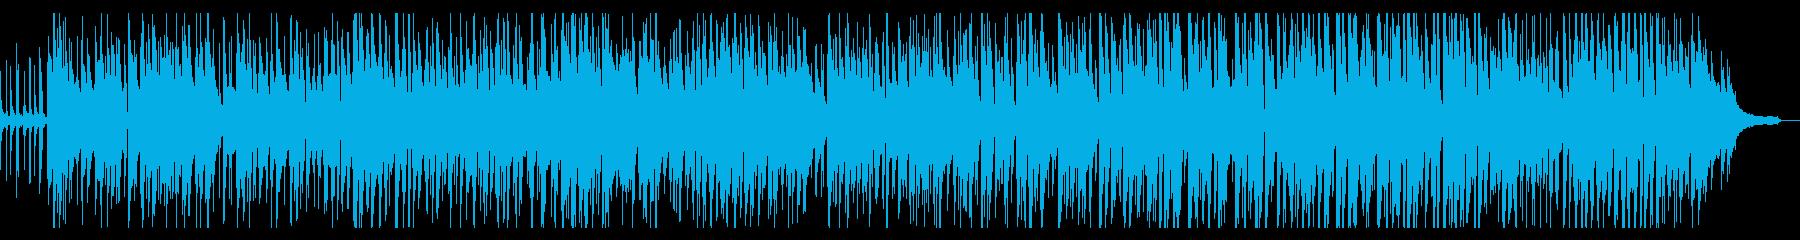 大人ののんびり、ほのぼのなBGM1の再生済みの波形